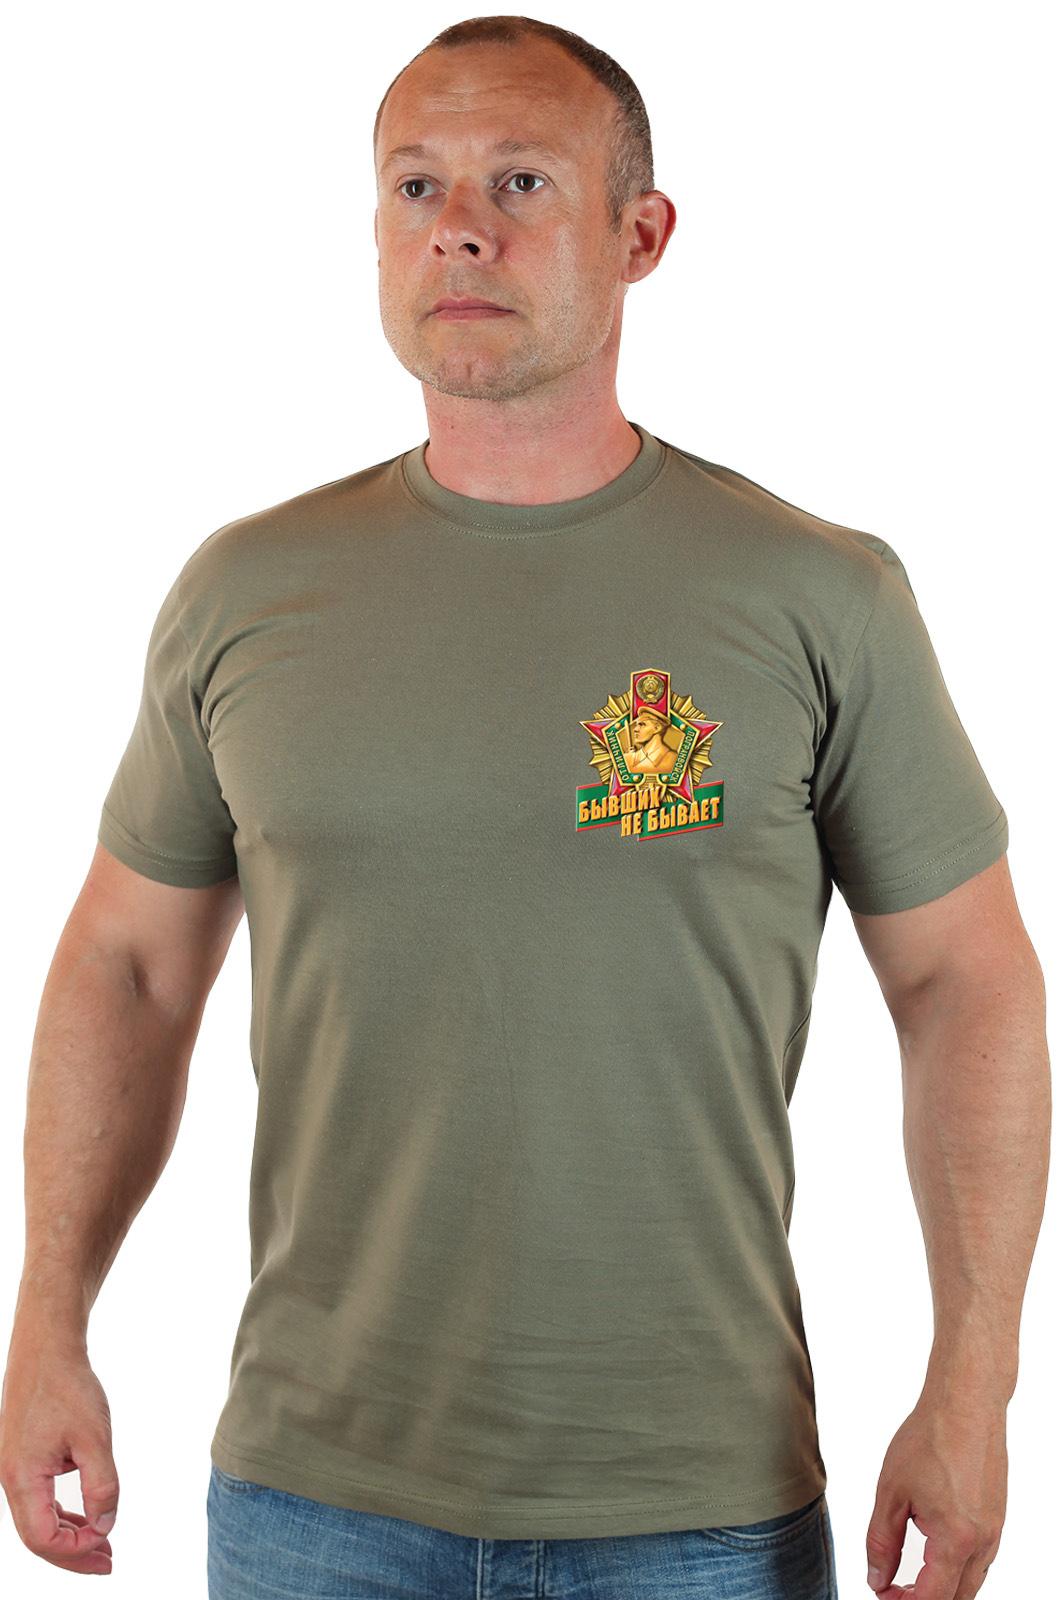 Купить в интернет магазине футболку «Бывших пограничников не бывает»